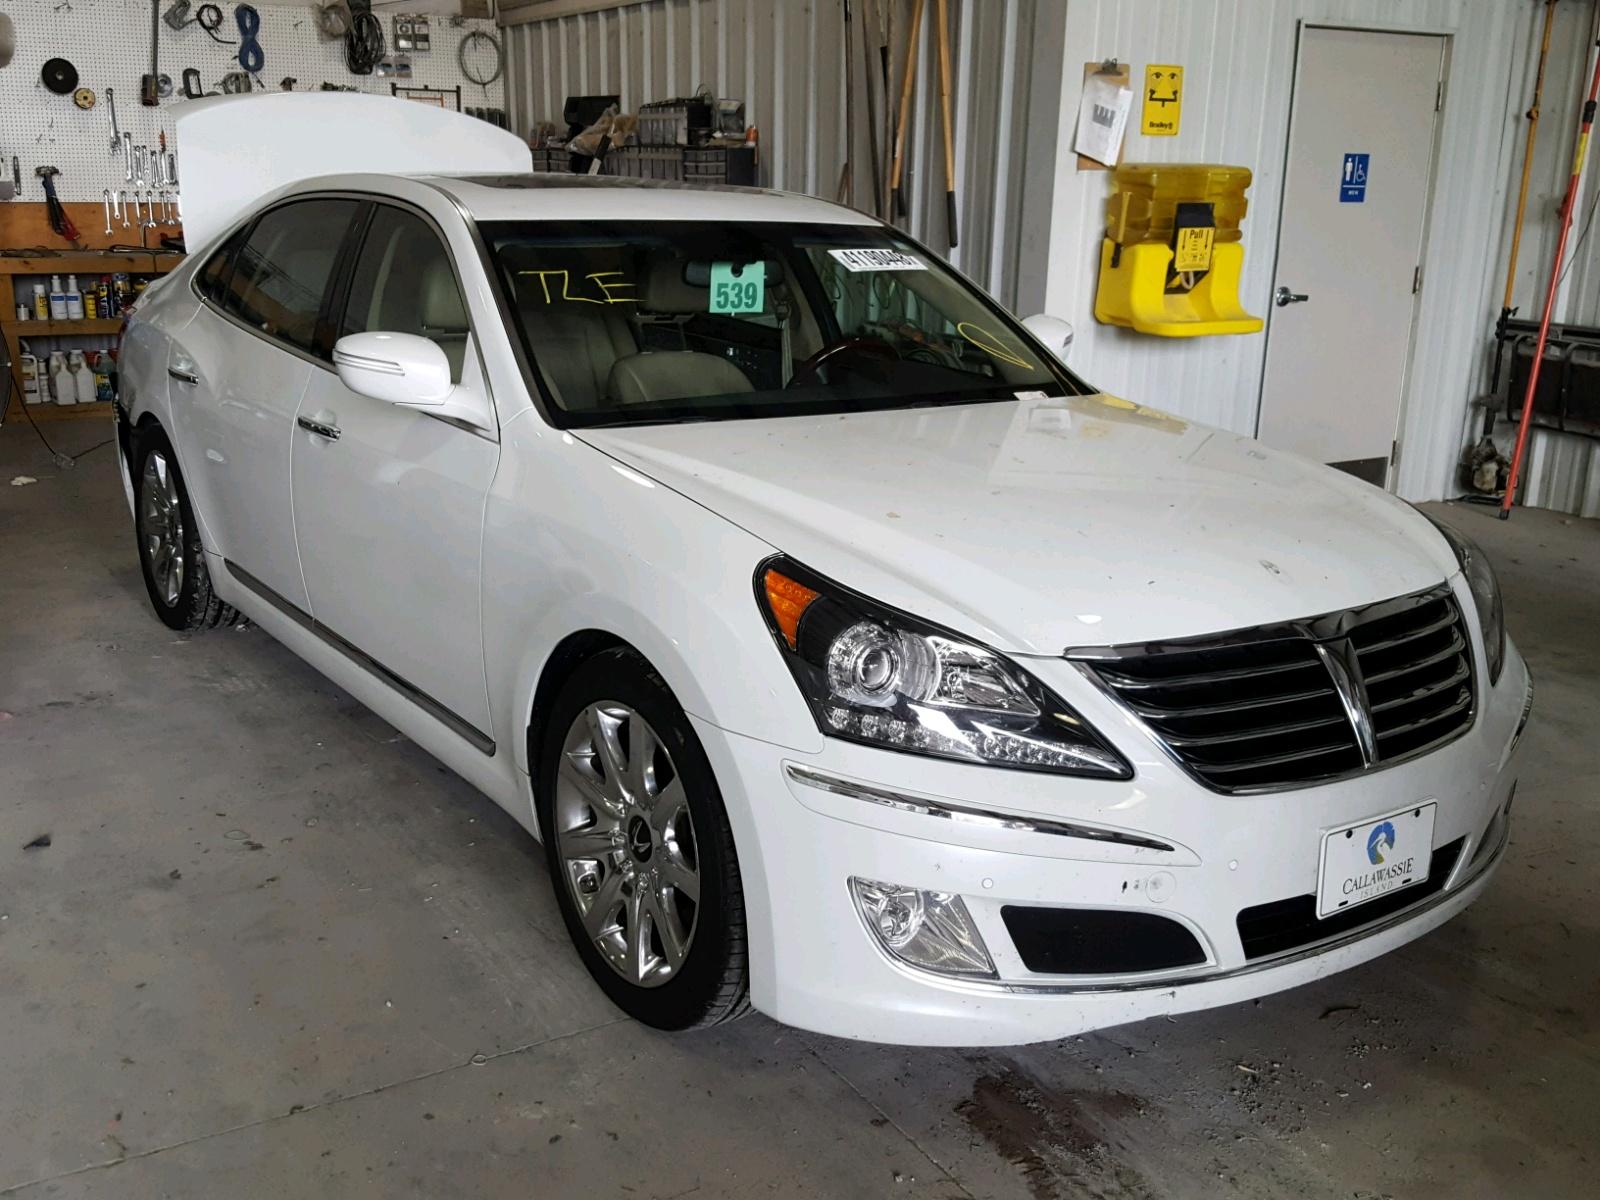 Salvage 2013 Hyundai EQUUS SIGN for sale